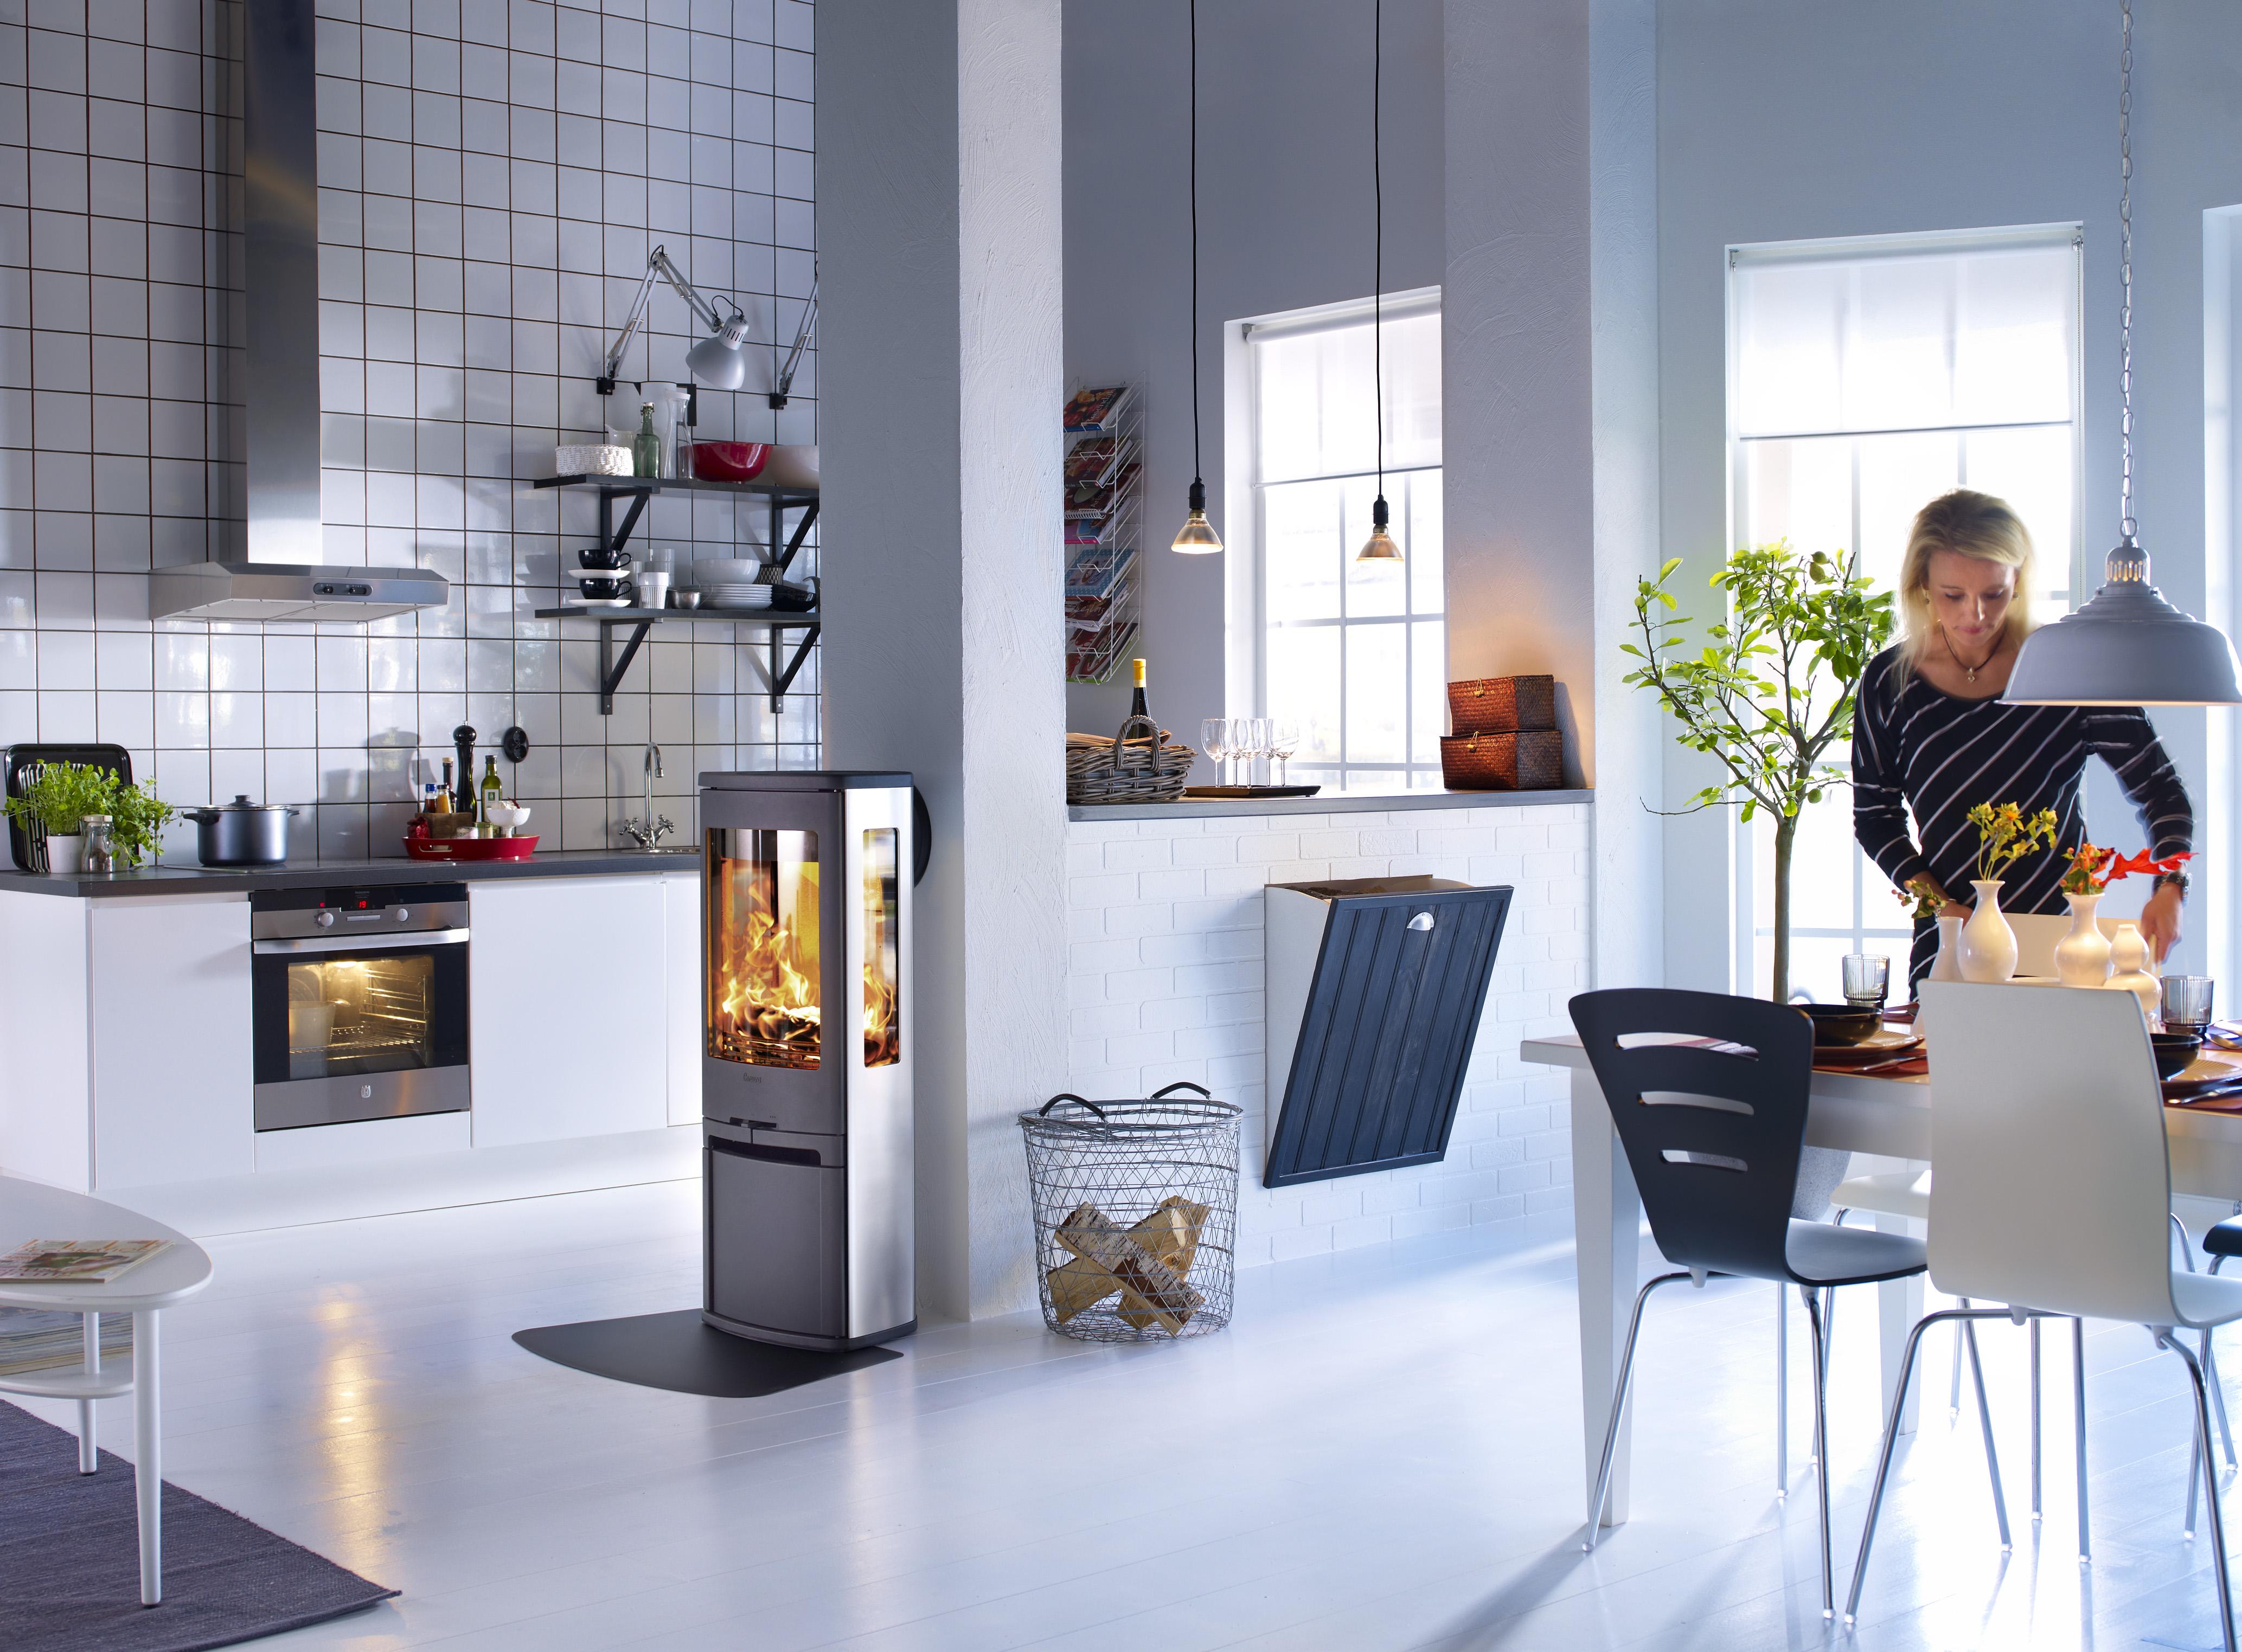 contura 750a milj bild k k contura. Black Bedroom Furniture Sets. Home Design Ideas